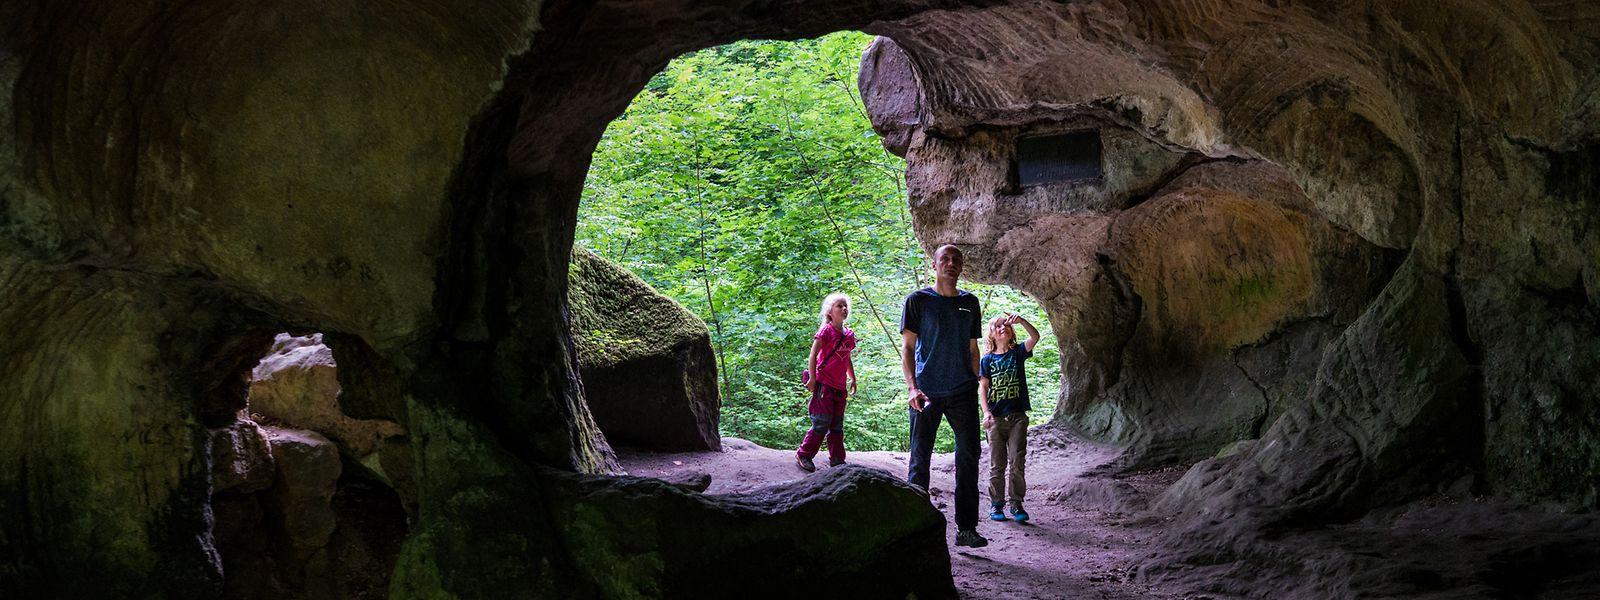 Höhlen, Felsen und Steilwände: Das Müllerthal hat viele geologische Sehenswürdigkeiten zu bieten.